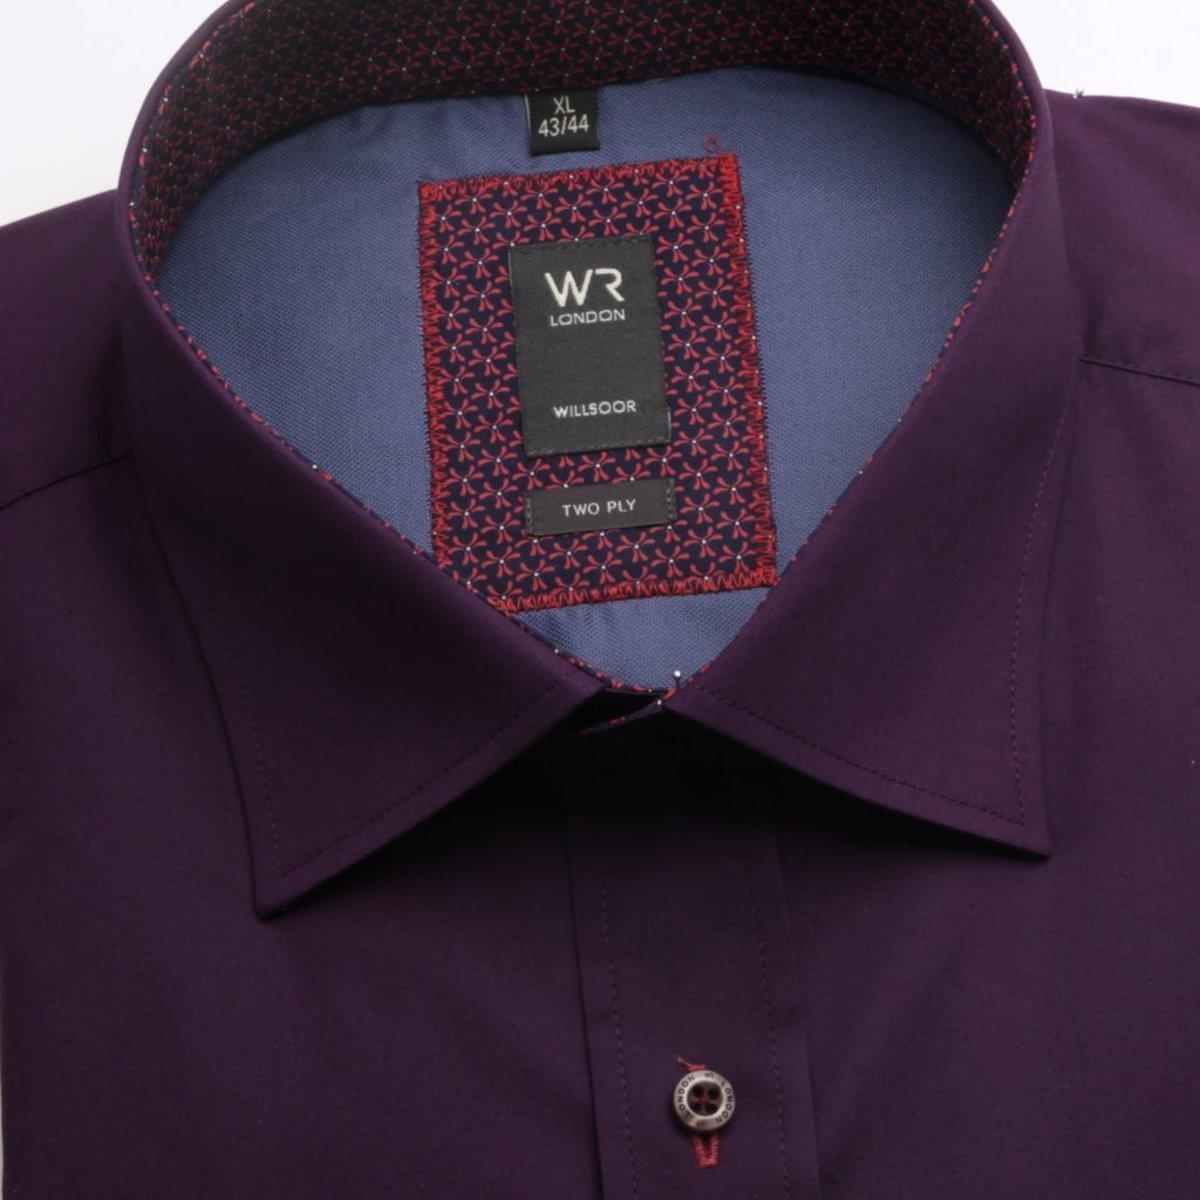 Košile WR London (výška 188-194) 2314 188-194 / XL (43/44)